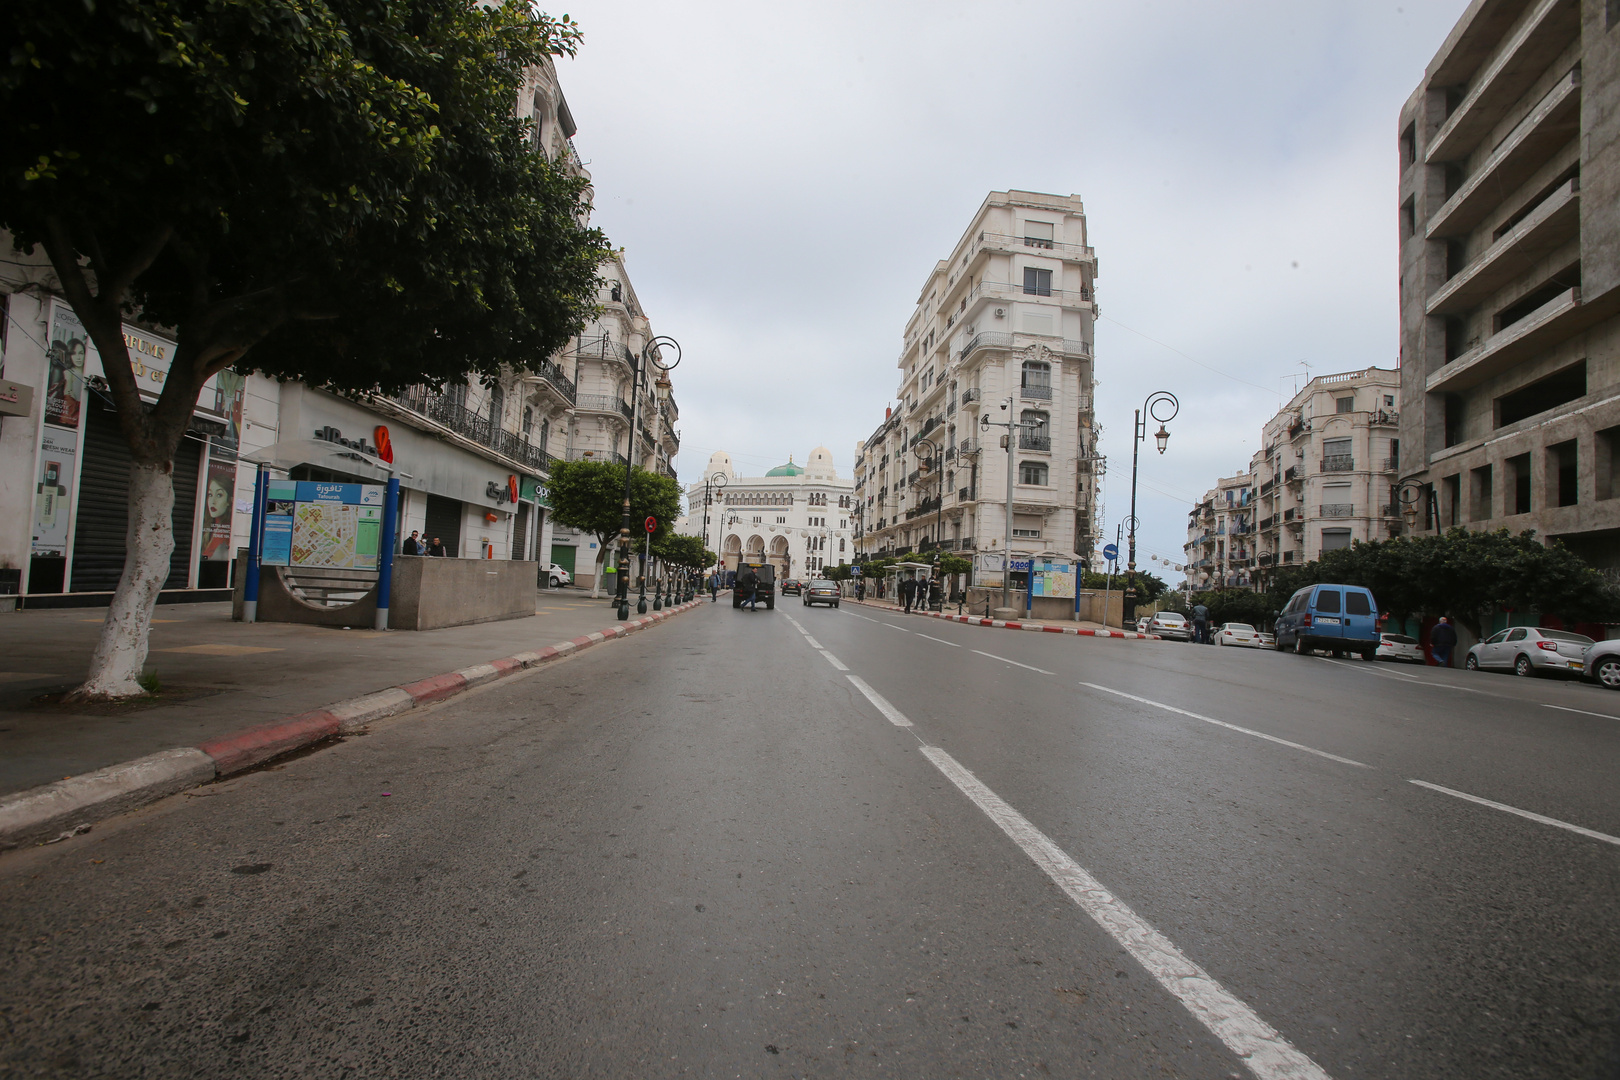 الجزائر توقف جميع الرحلات لمدة شهر بعد ظهور الفيروس البريطاني